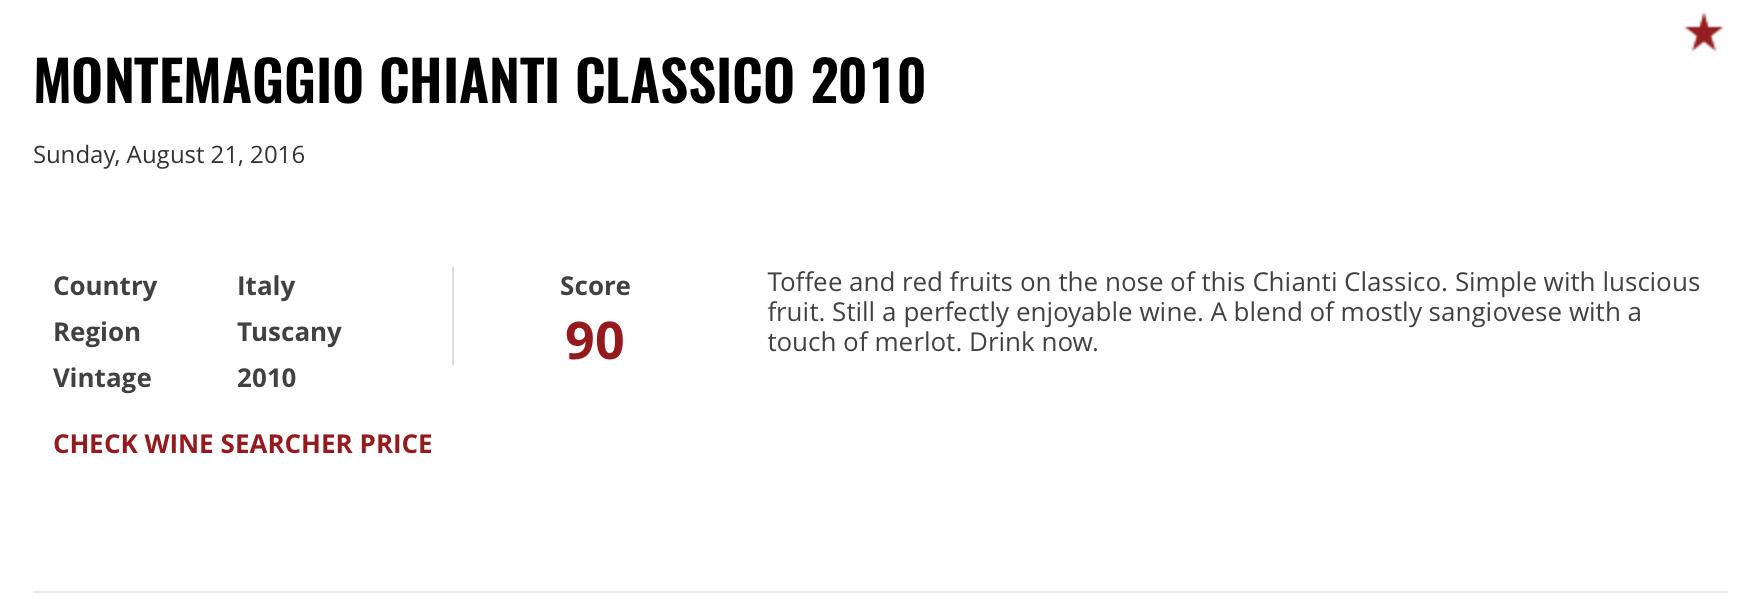 Chianti Classico 2010